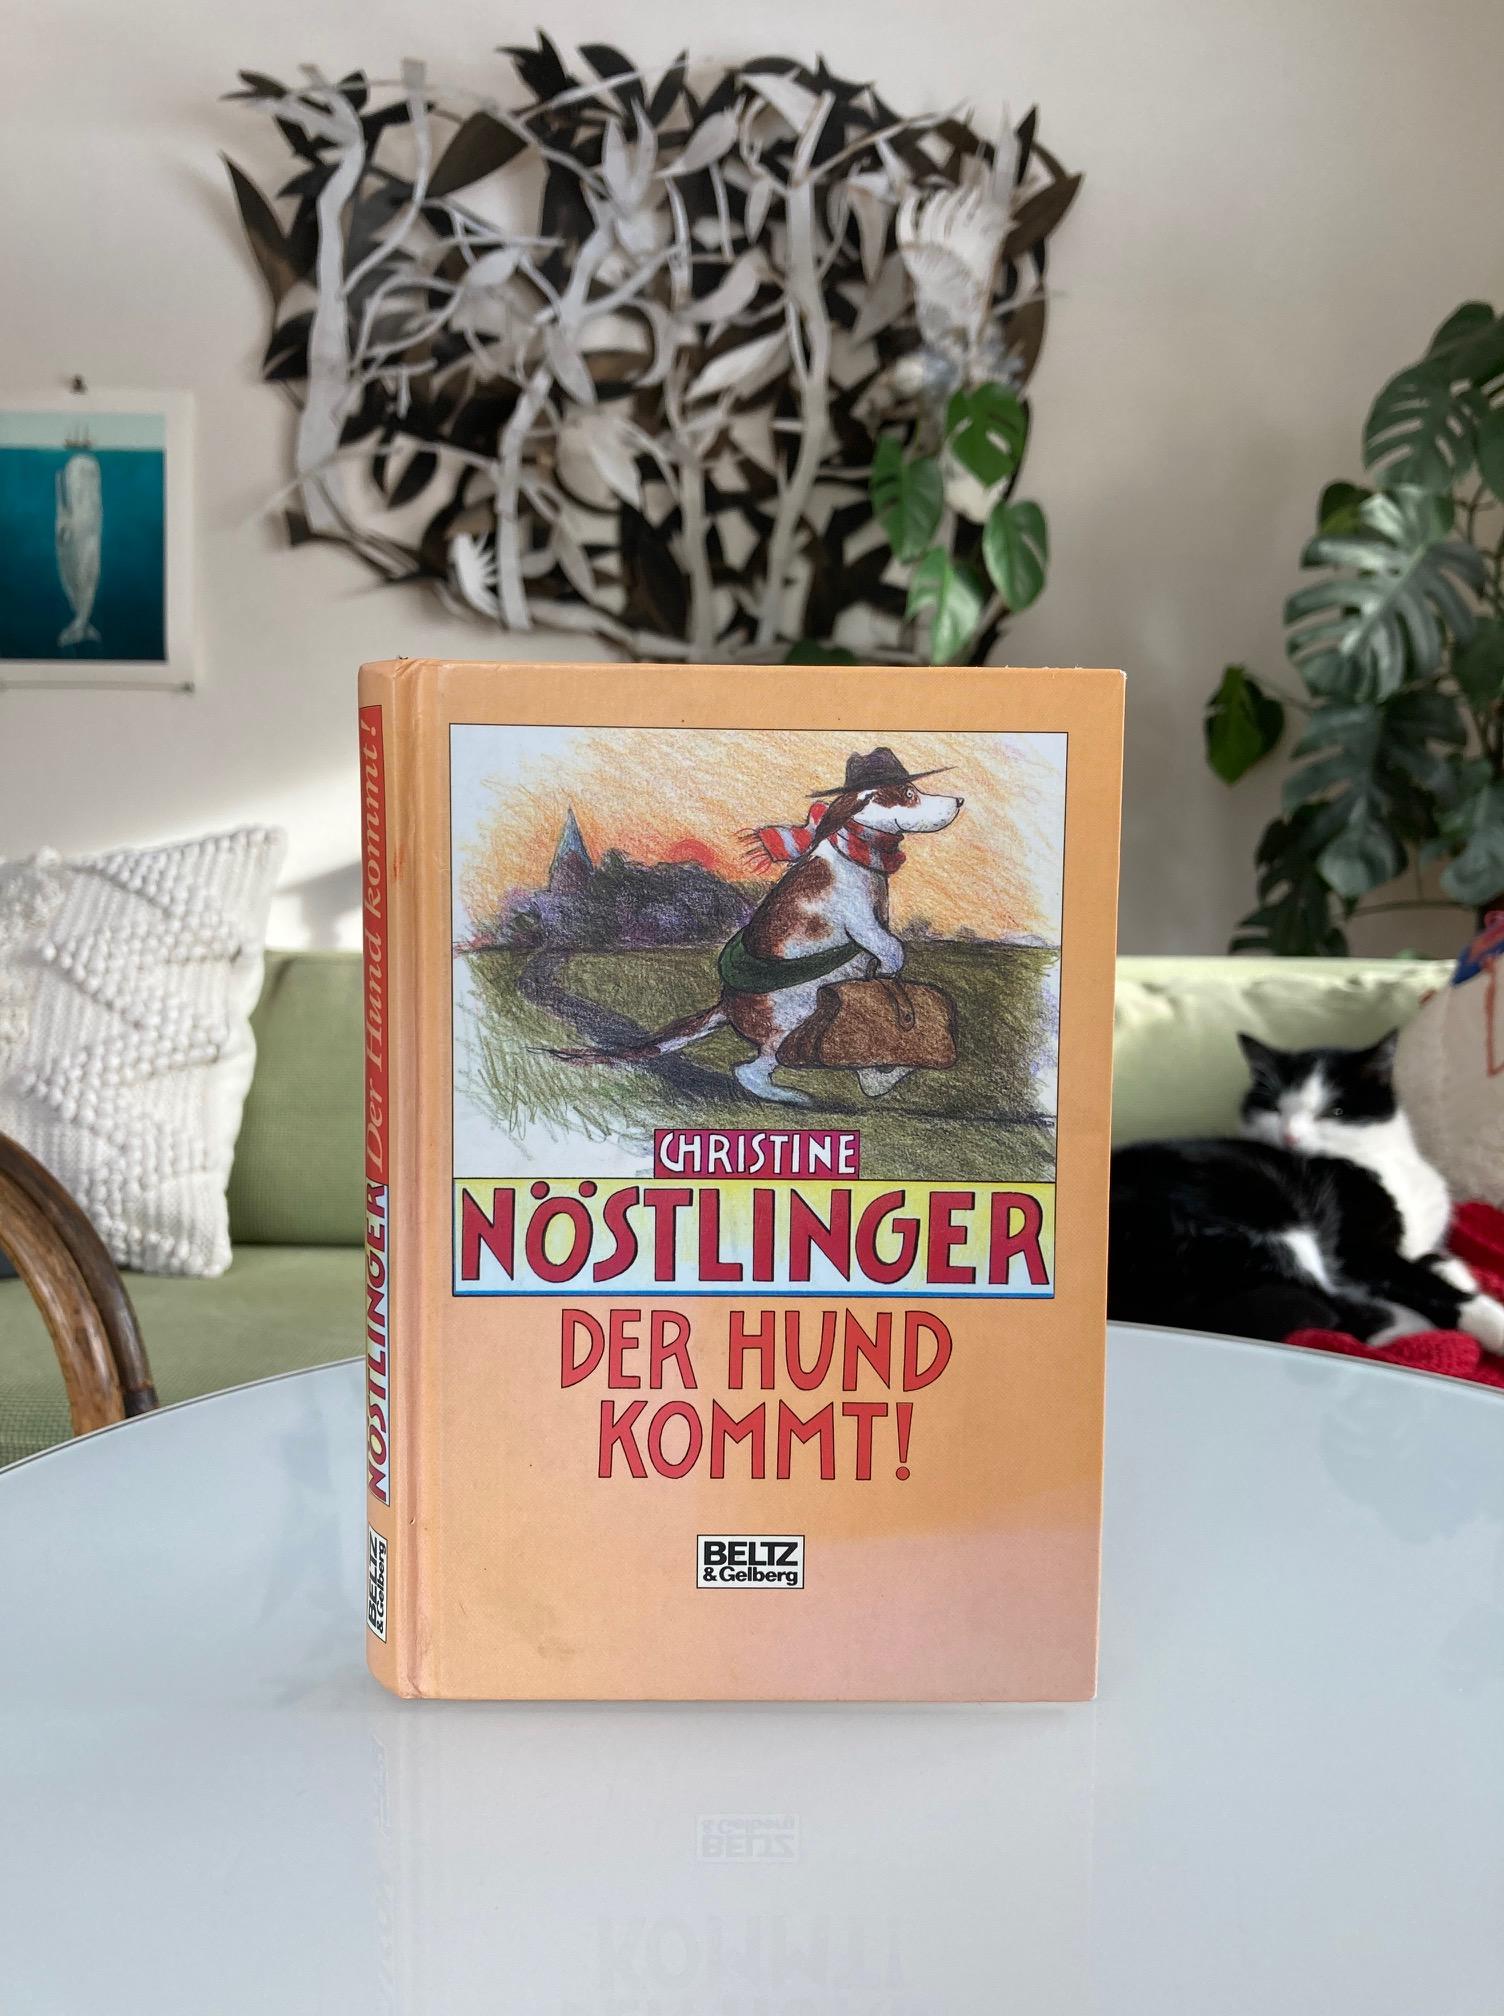 Christine Nöstlinger, Beltz, Klassiker, Kinderbuch, Kinderbuchtipp, Kinderbuchblog